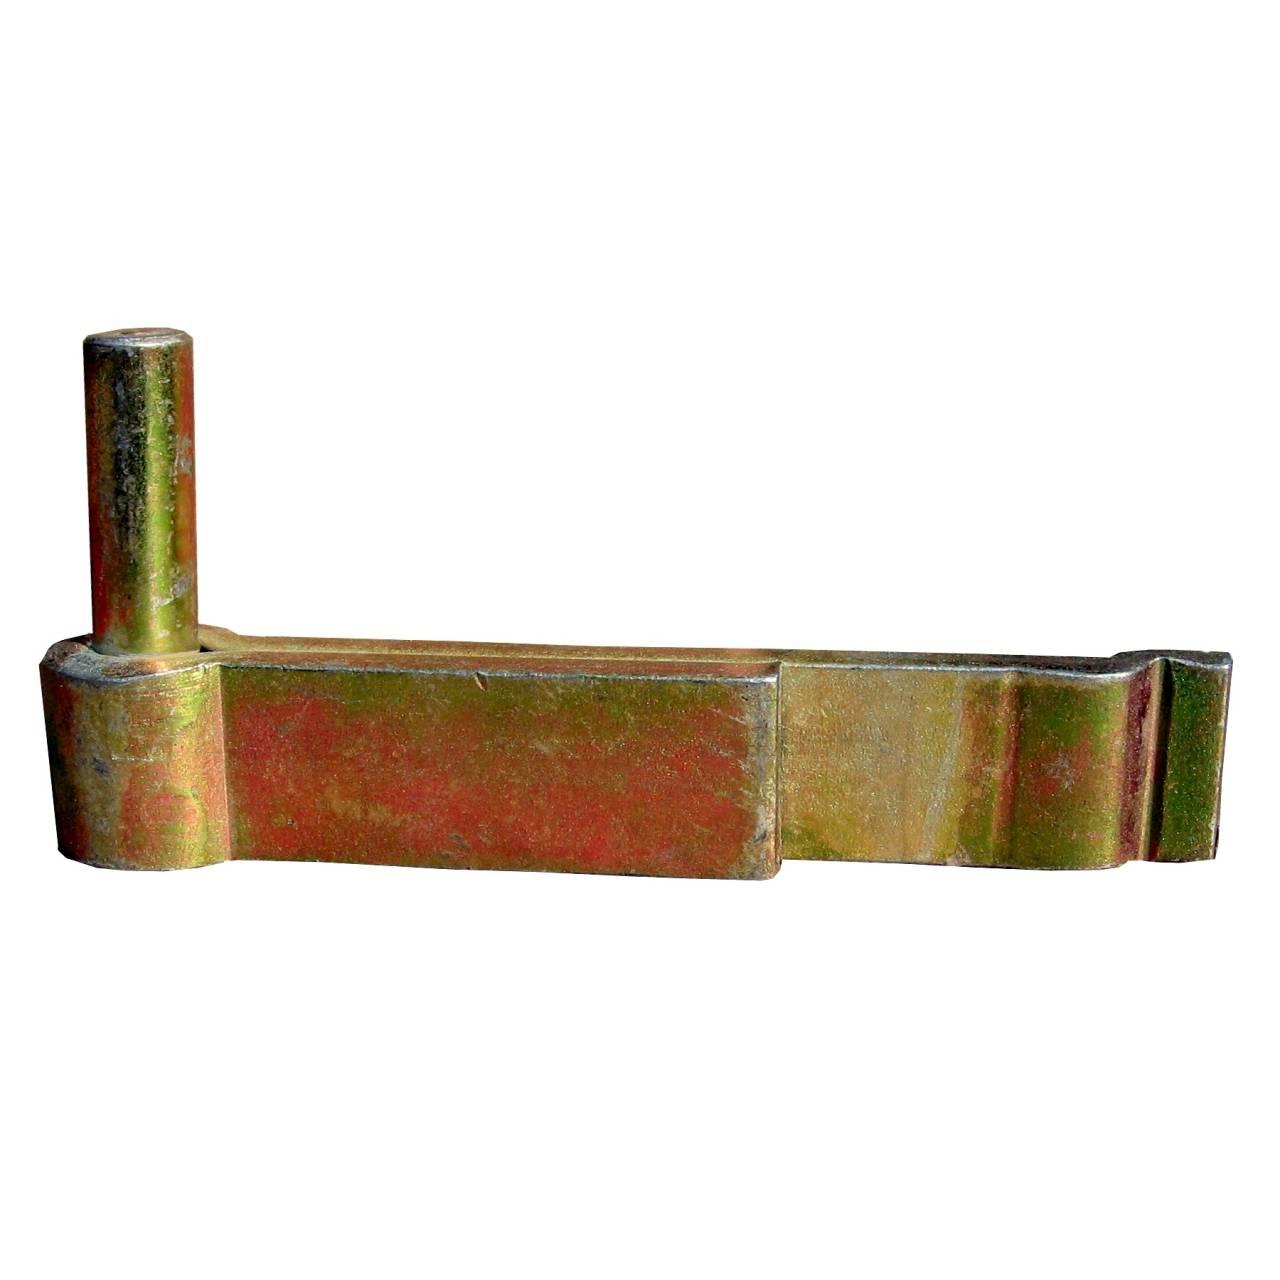 Einmauerkloben vz, mit Dorn Ø 16 x 165 mm